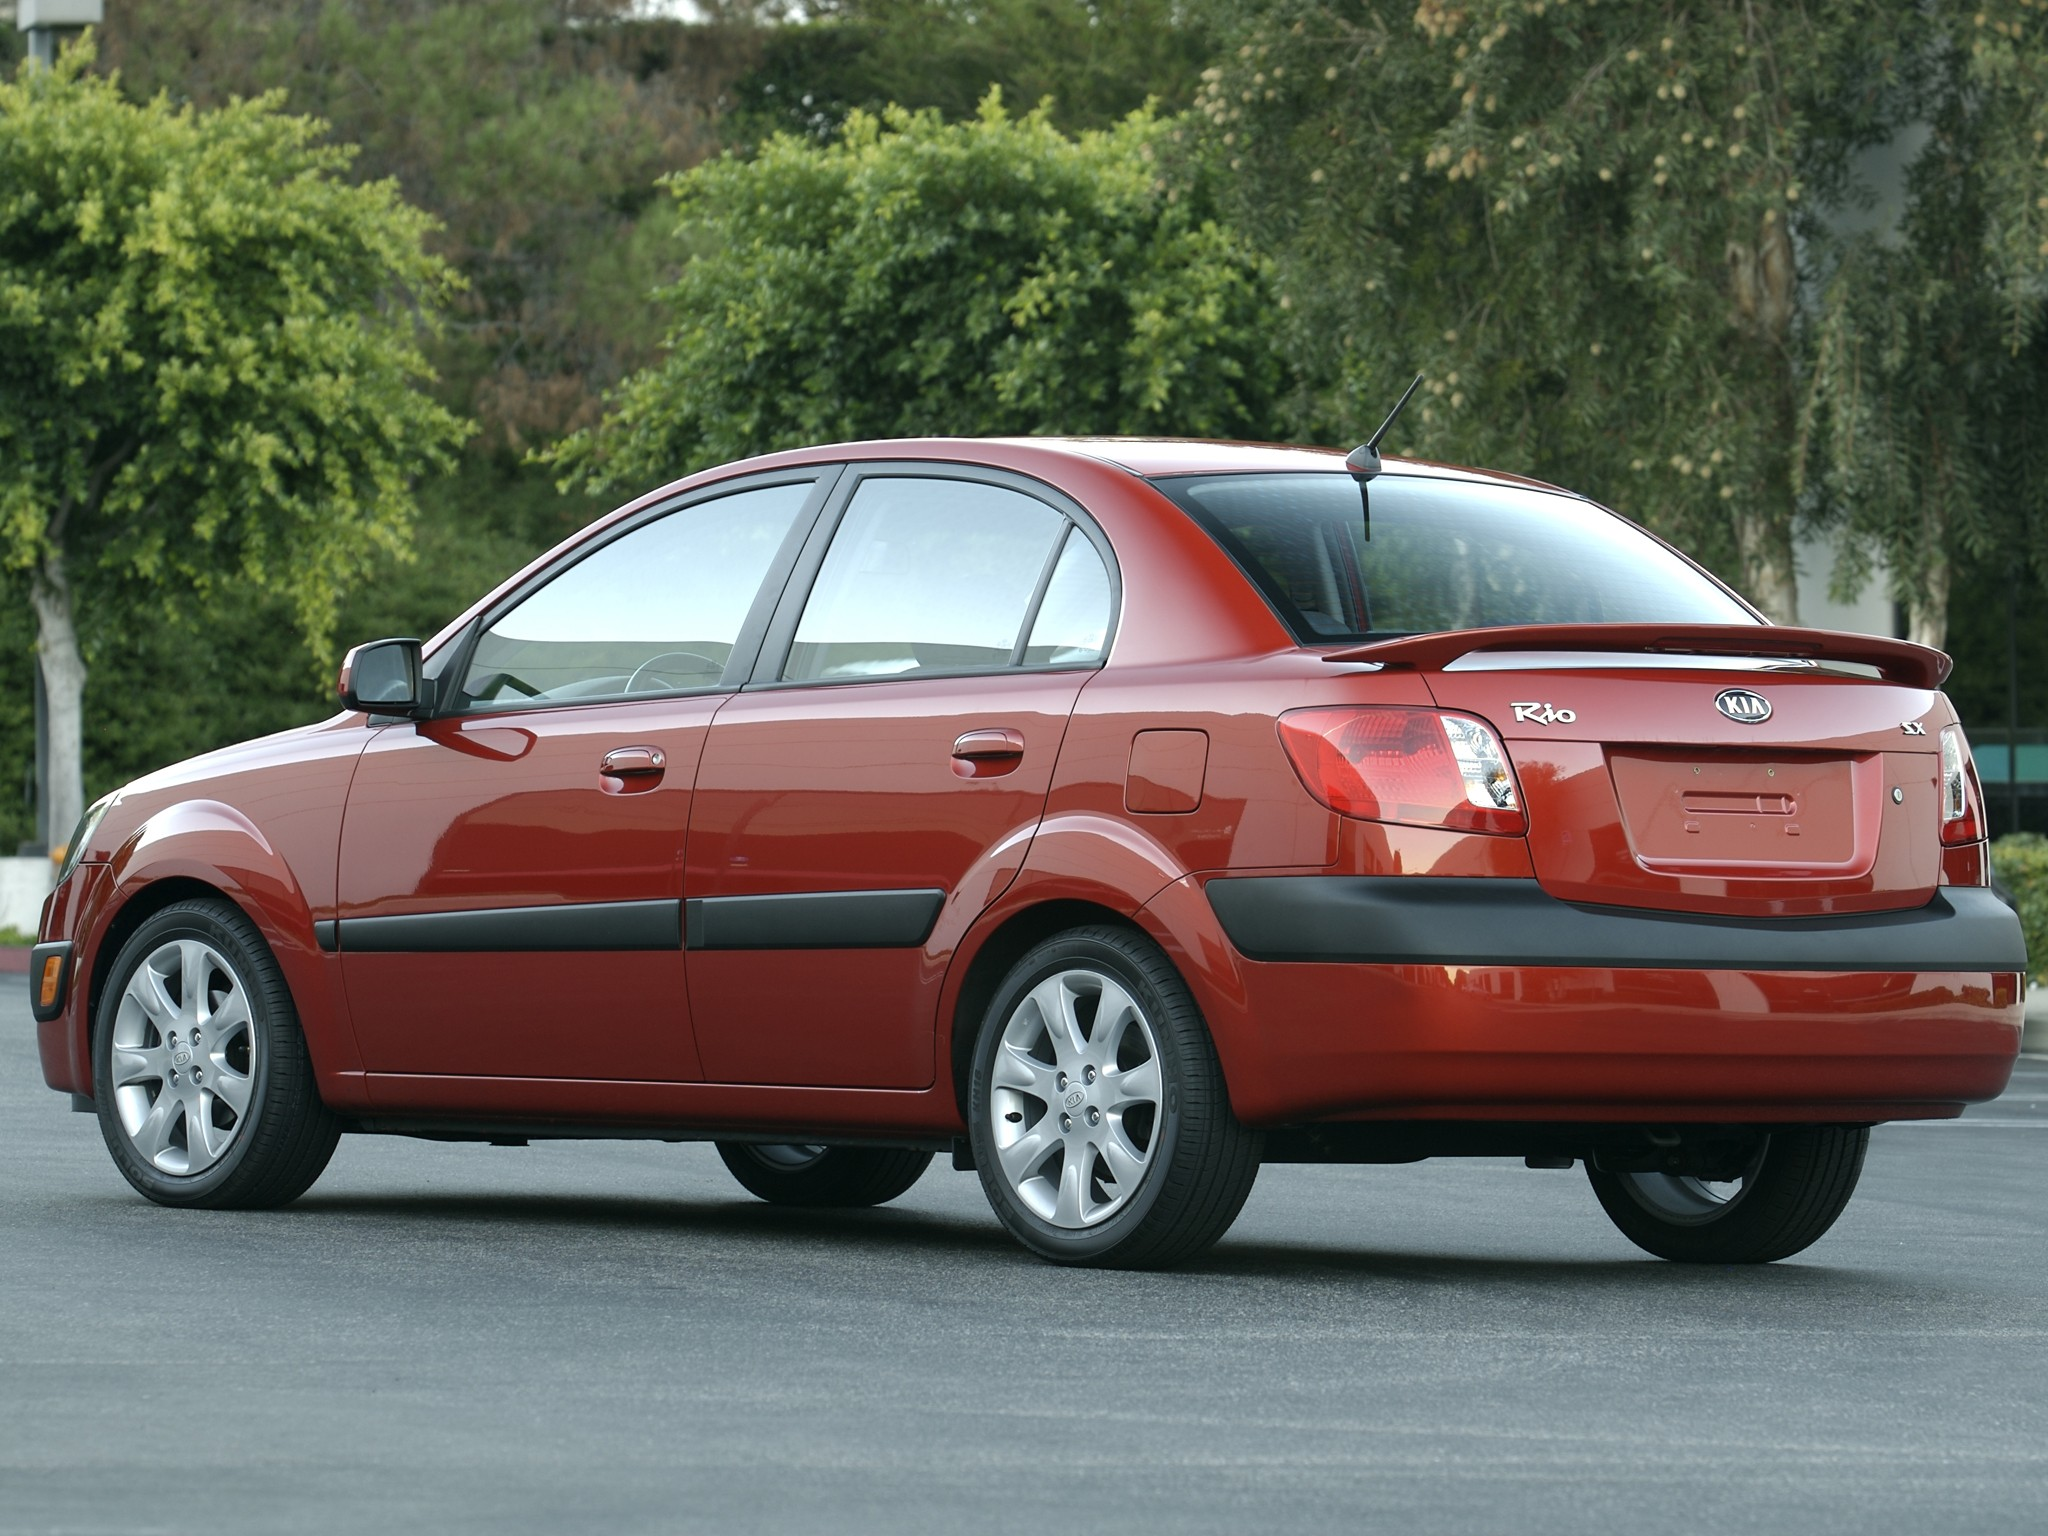 kia rio sedan specs  u0026 photos - 2009  2010  2011